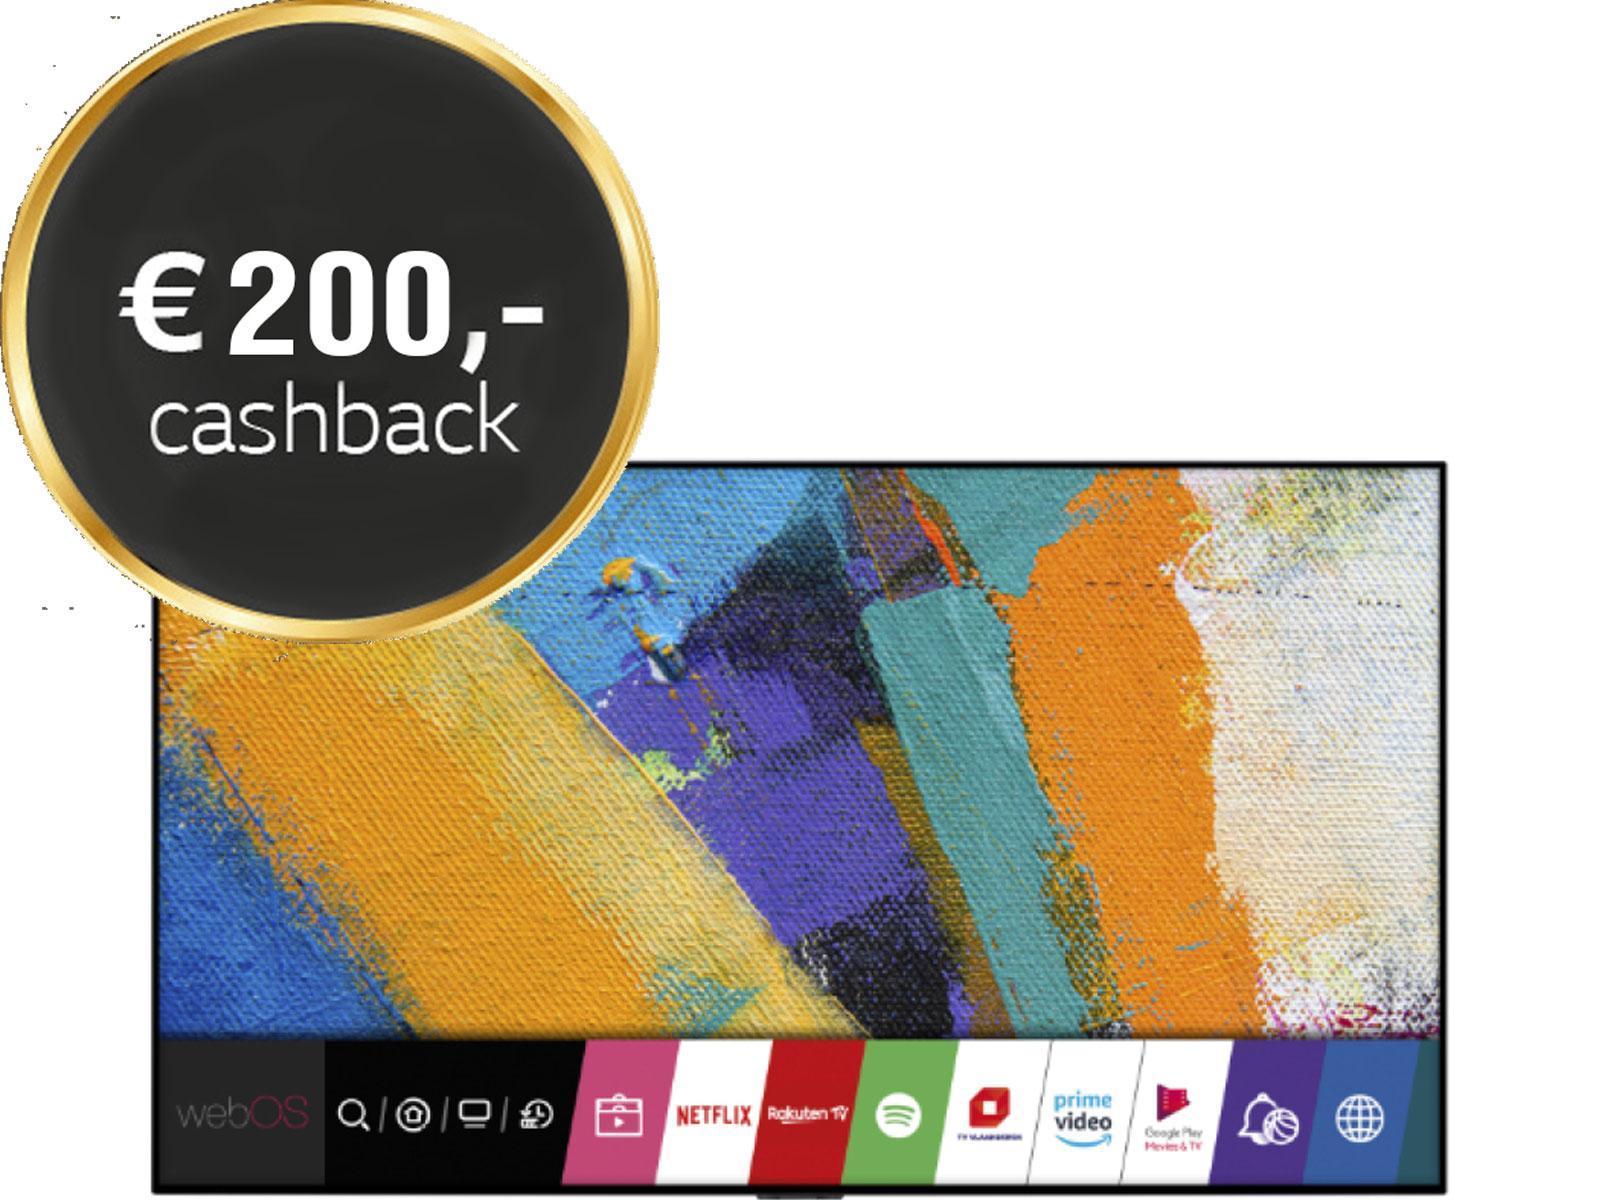 LG 55 inch GX OLED (Gallery)